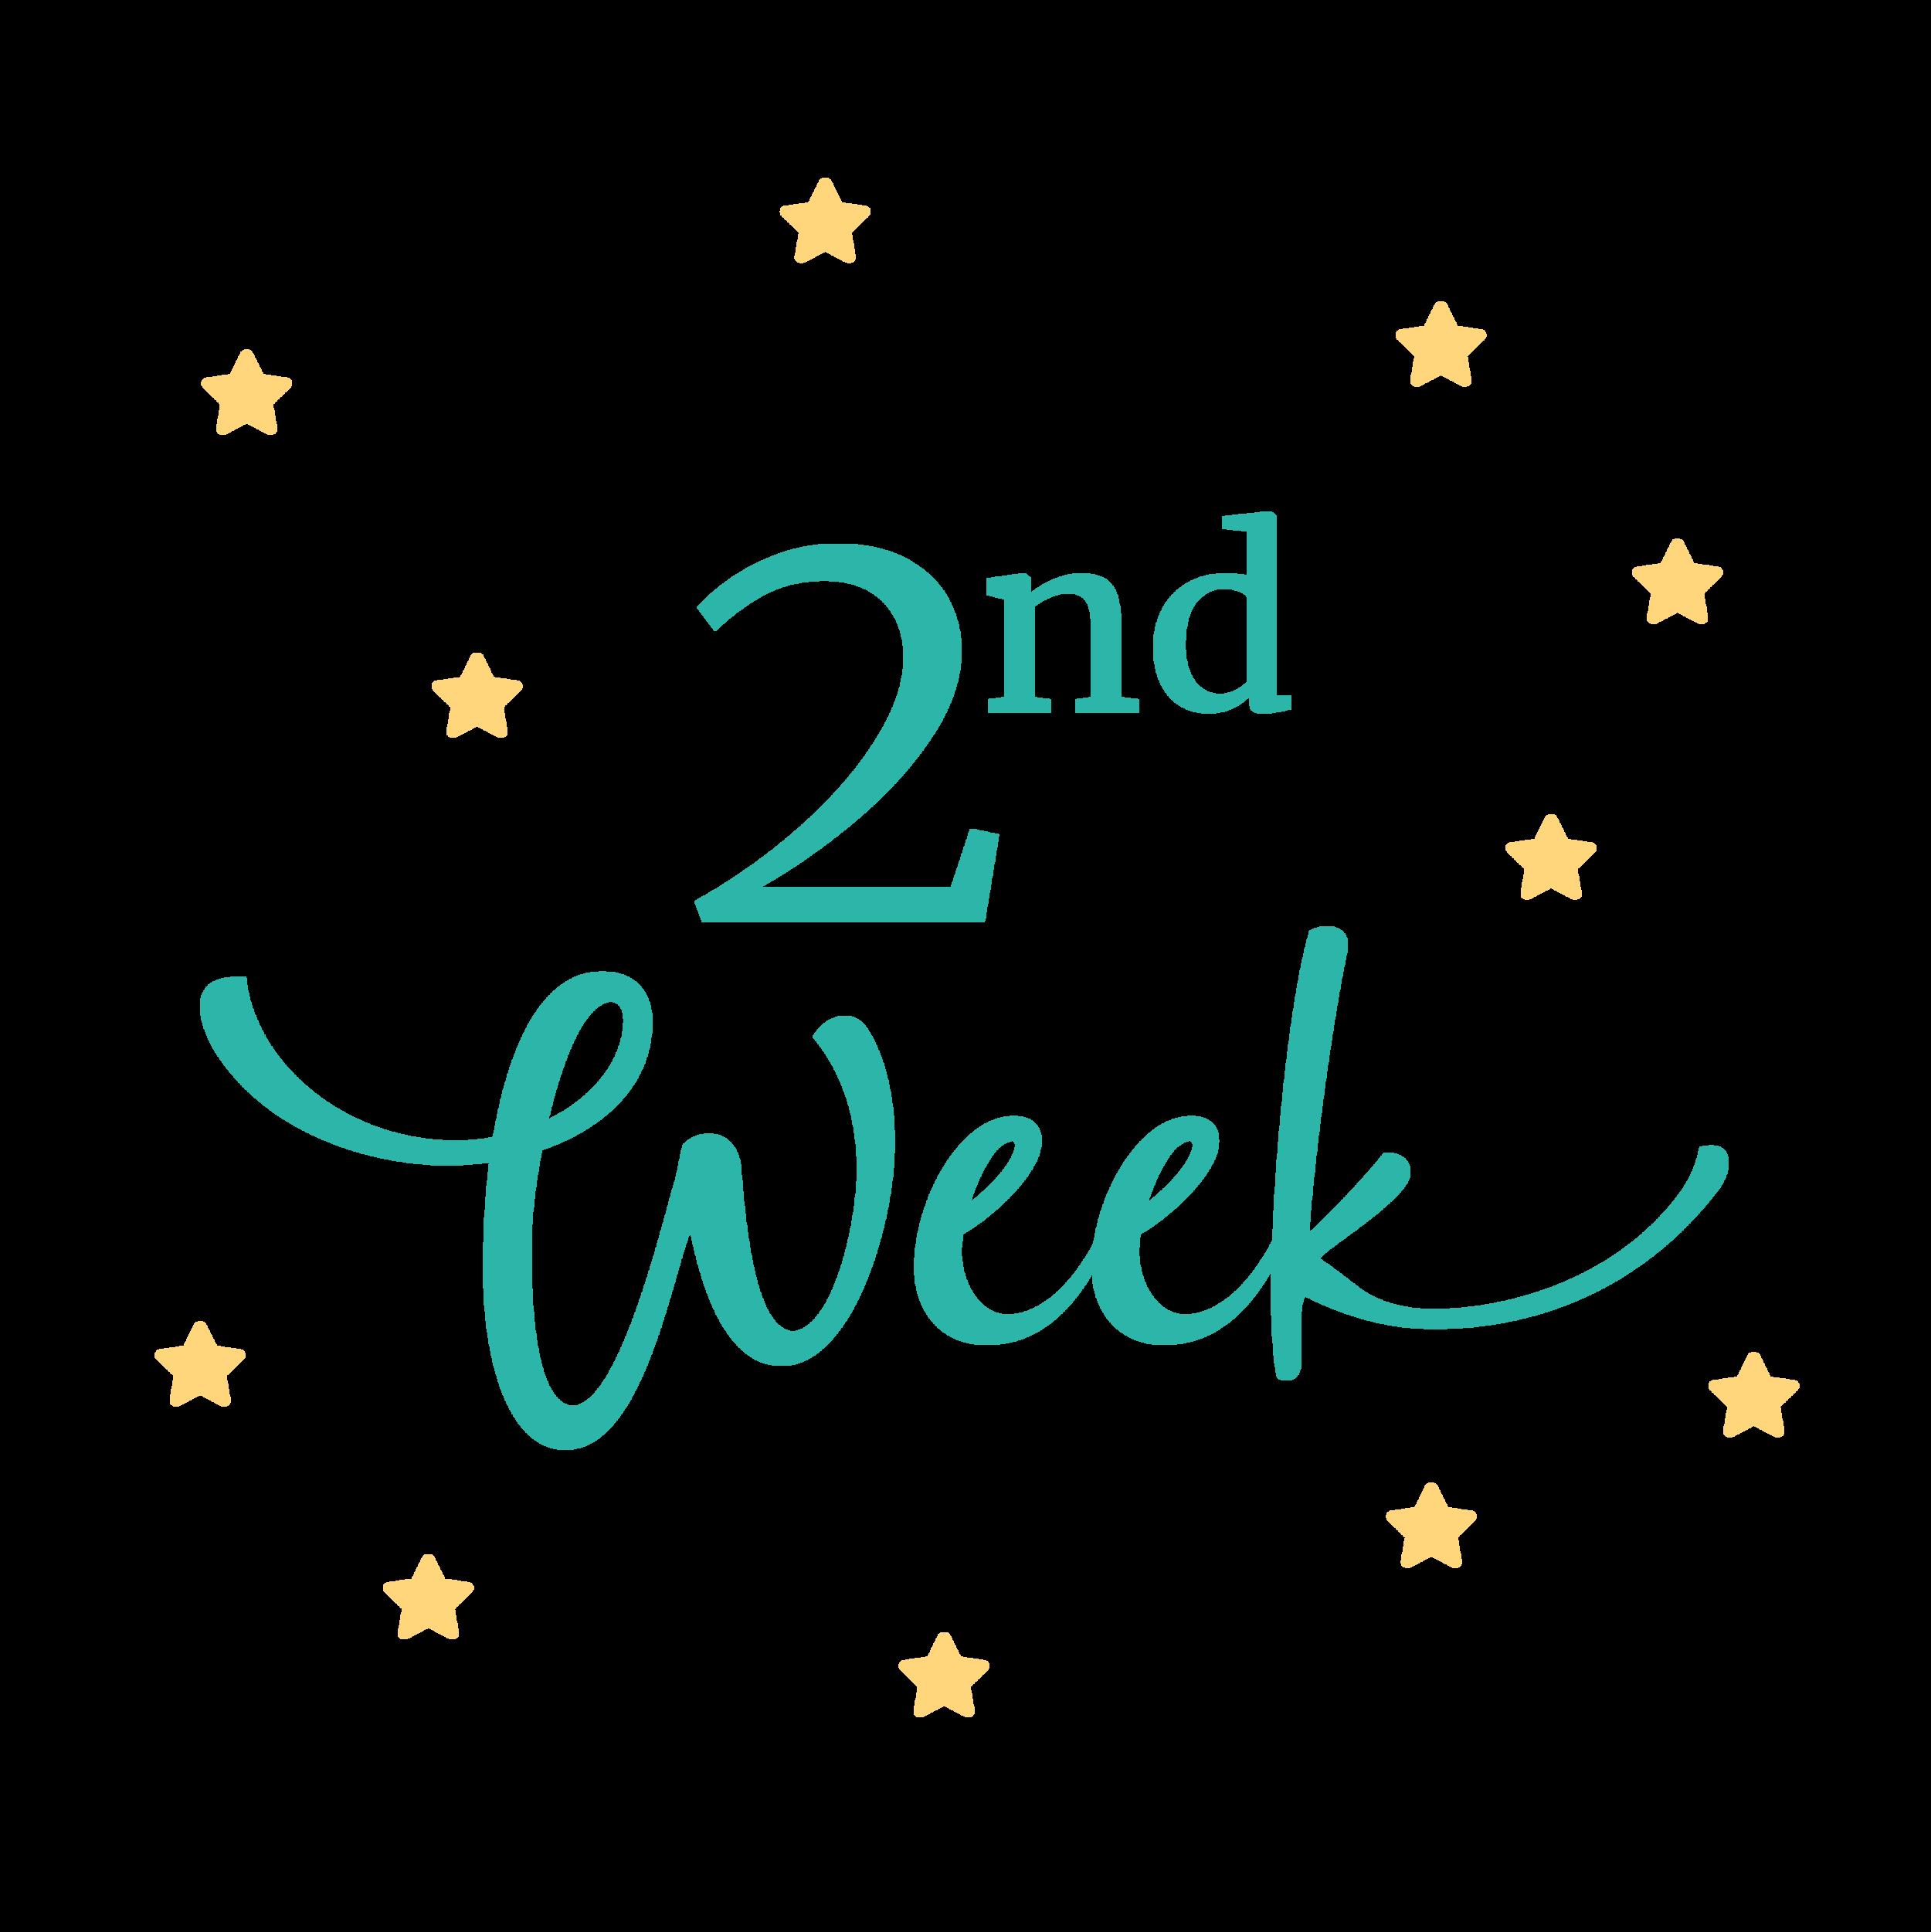 2nd Week Visit - 2 week packet (doc)